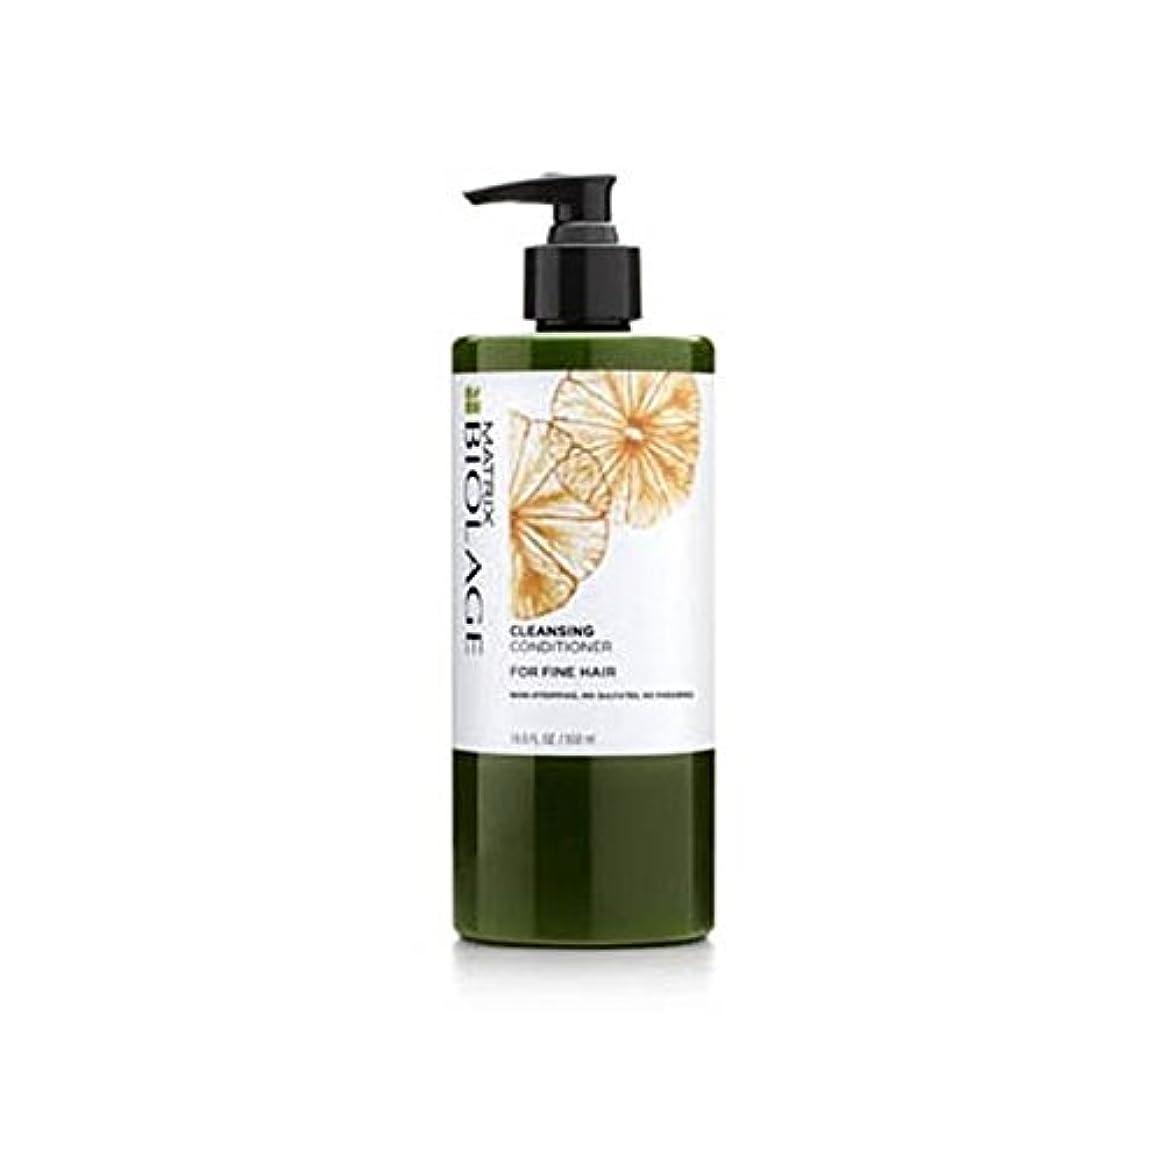 夕方より可能にするMatrix Biolage Cleansing Conditioner - Fine Hair (500ml) - マトリックスバイオレイジクレンジングコンディショナー - 細い髪(500ミリリットル) [並行輸入品]